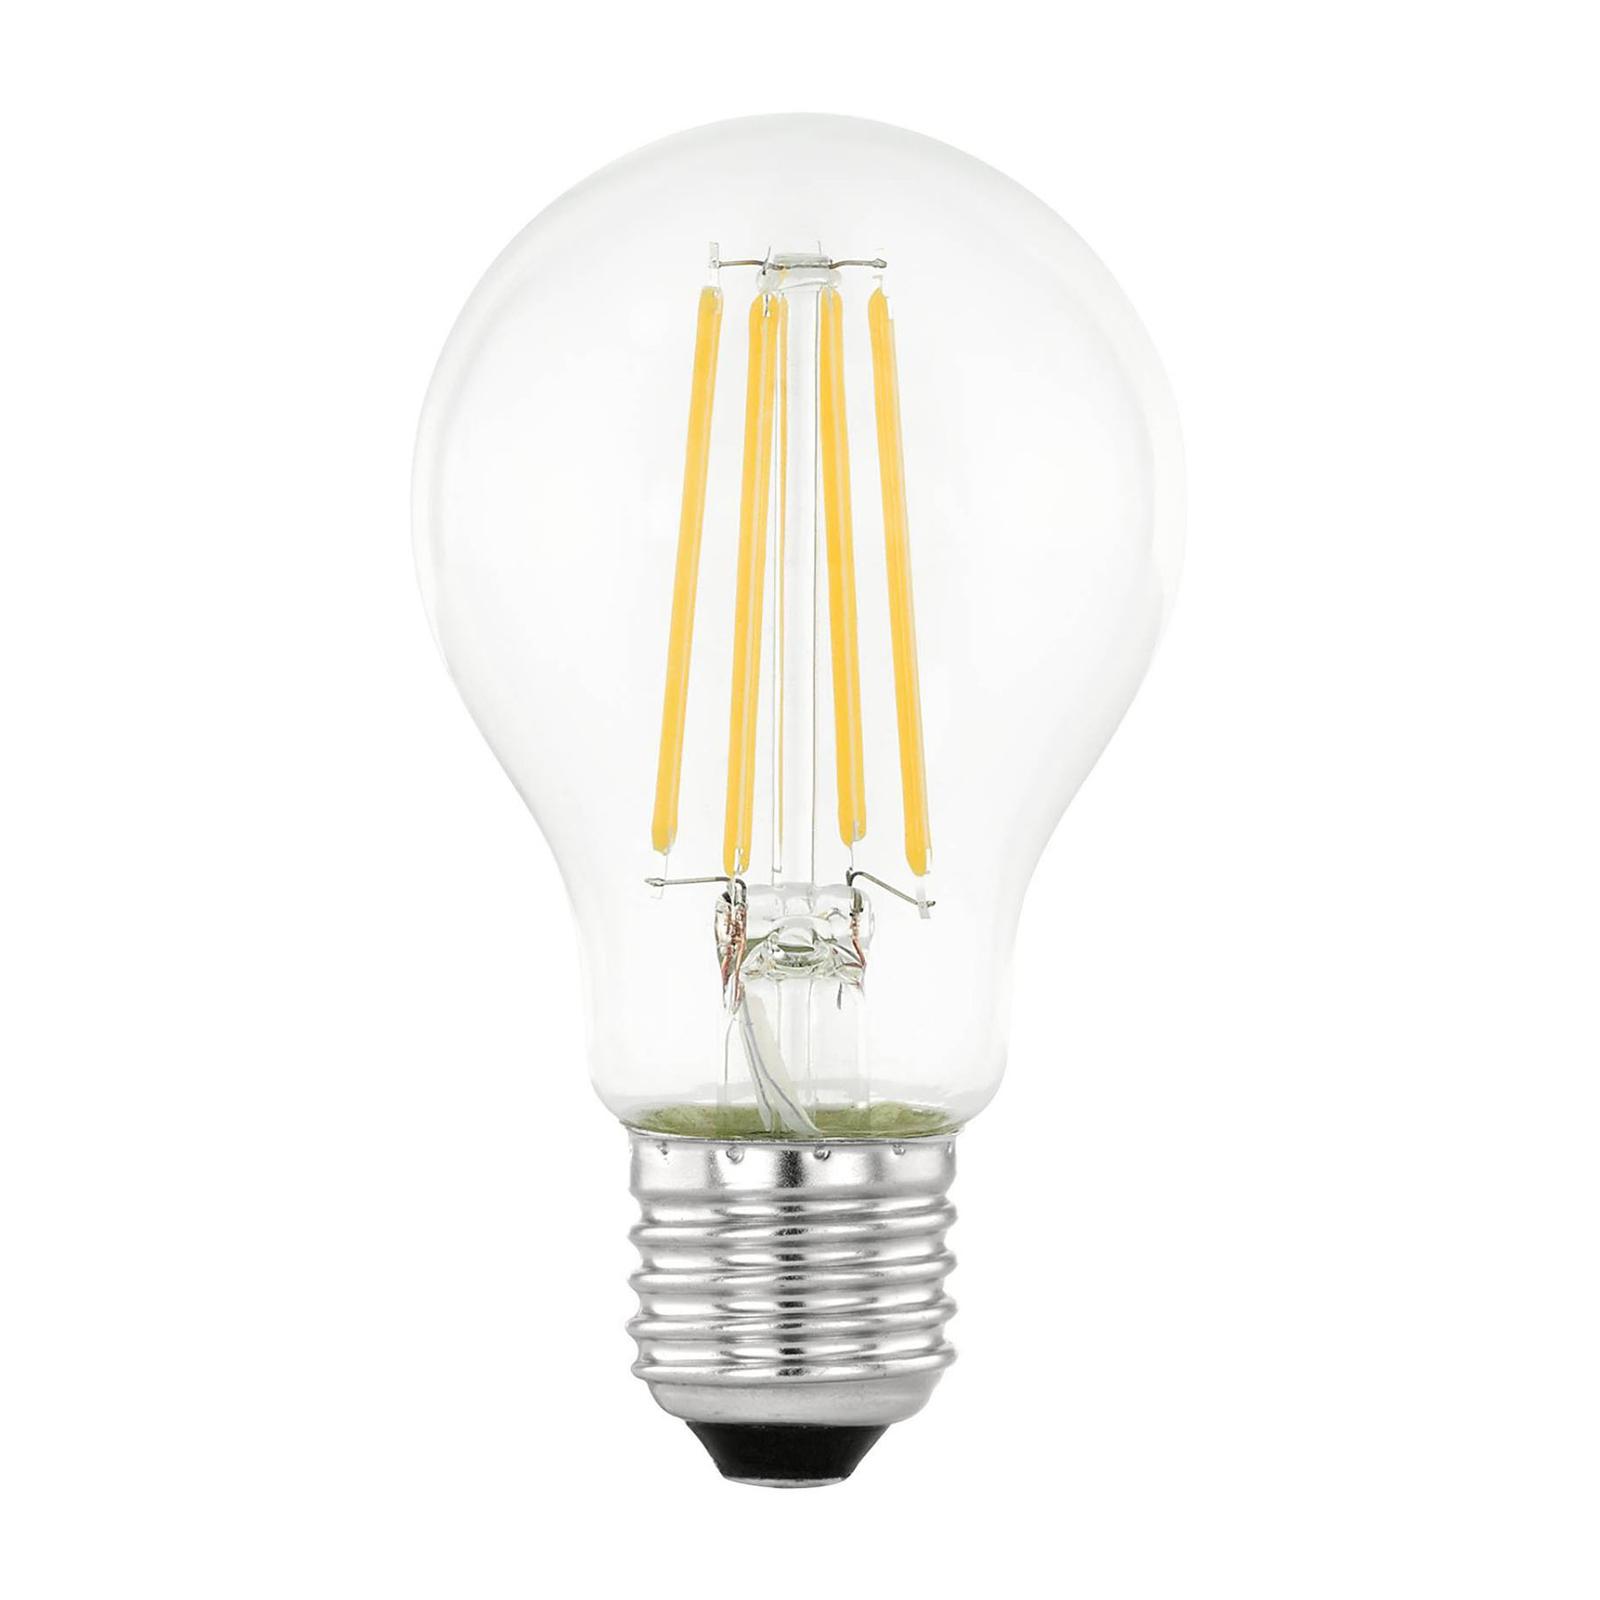 LED-Lampe E27 6W filament med dag/natt-sensor